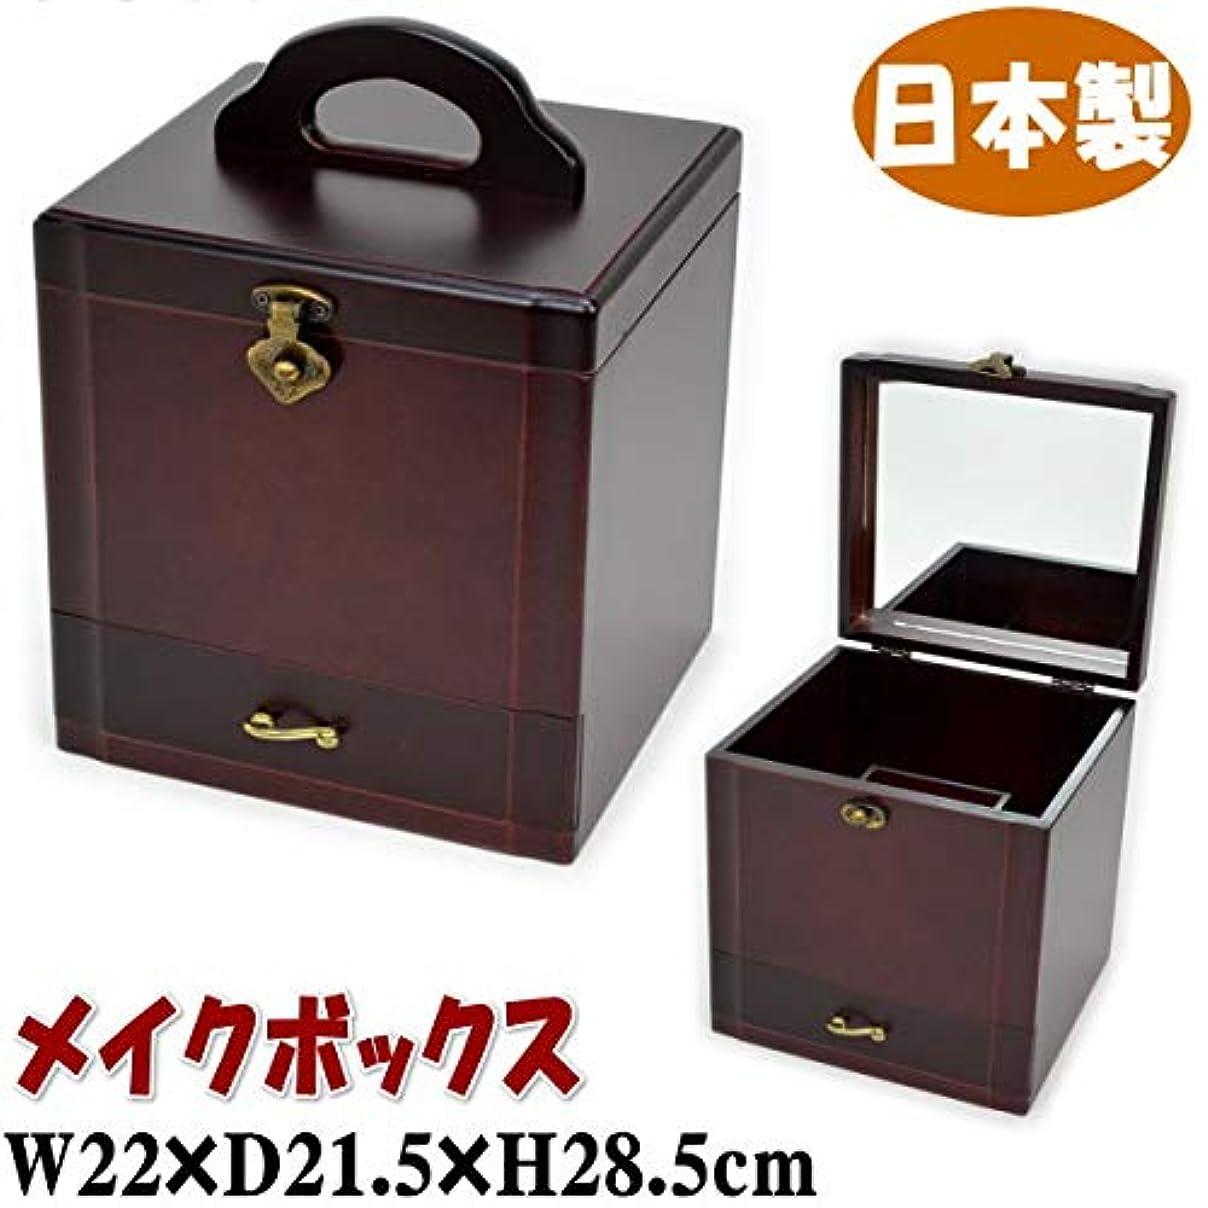 エンコミウム鯨カップメイクボックス 木製 ワイン ブラウン 日本製(おしゃれ コスメボックス メークボックス 鏡 収納